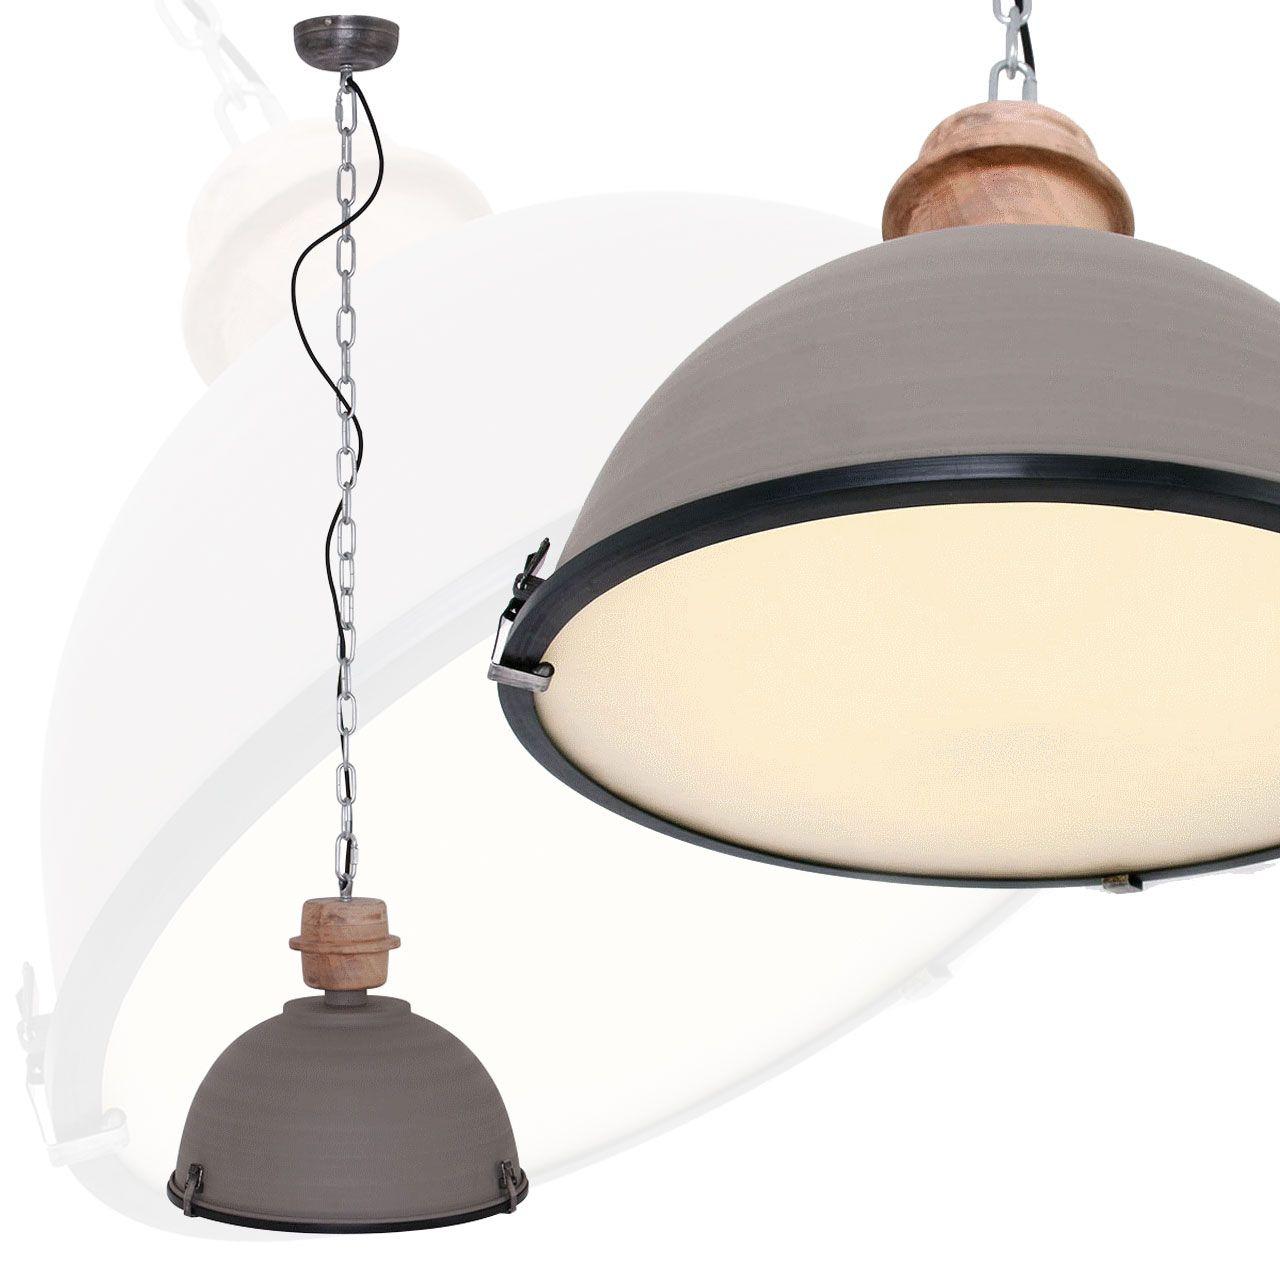 Scandinavisch industriële hanglamp Bikkel 1459GR